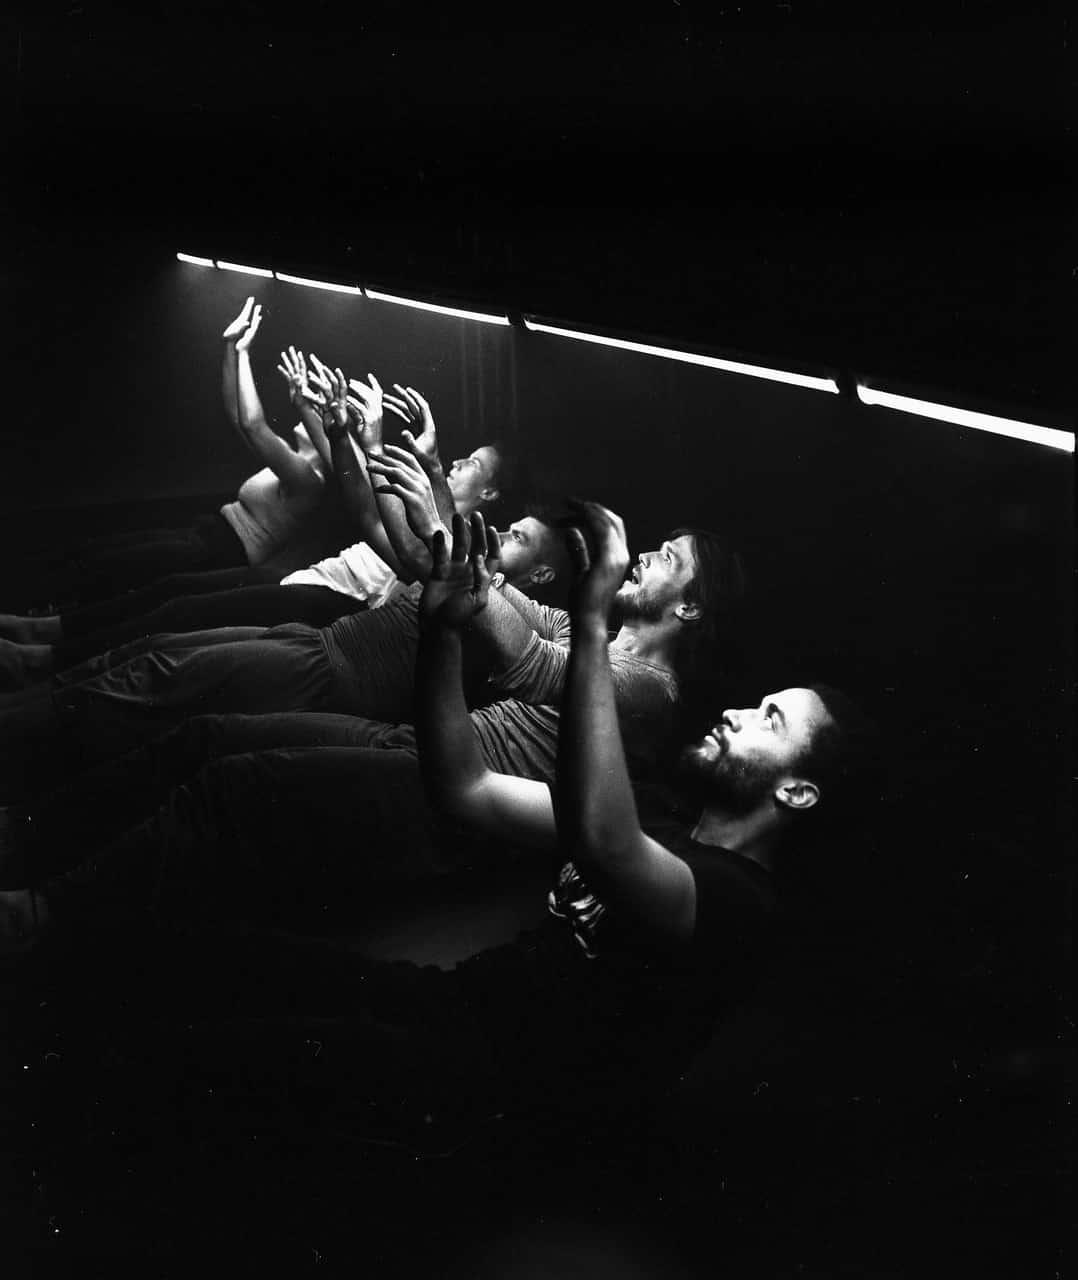 Scena spektaklu. Zdjęcie czarno-białe. Grupa młodych osób lezy koło siebie na podłodze. Wszyscy patrzą w górę. Nad ich głowami co kilkadziesiąt centymetrów widać zapalone świetlówki.